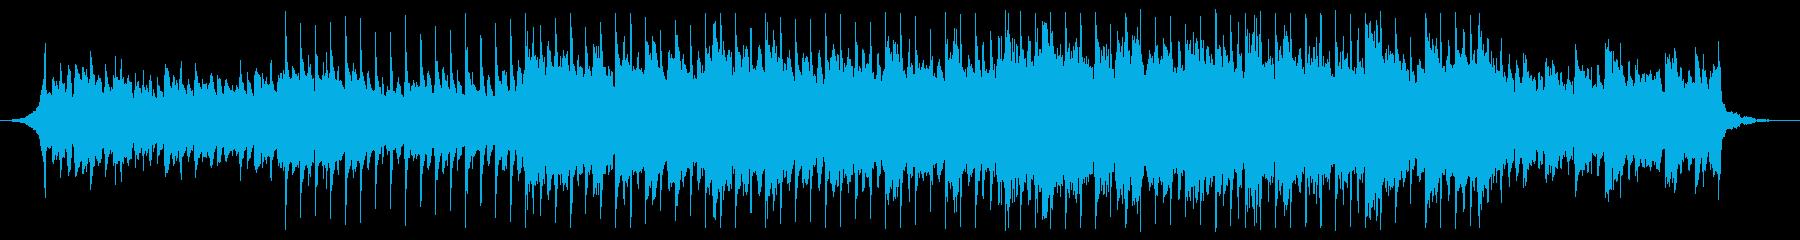 アコギが耳に残るPOPS、60秒編集済みの再生済みの波形